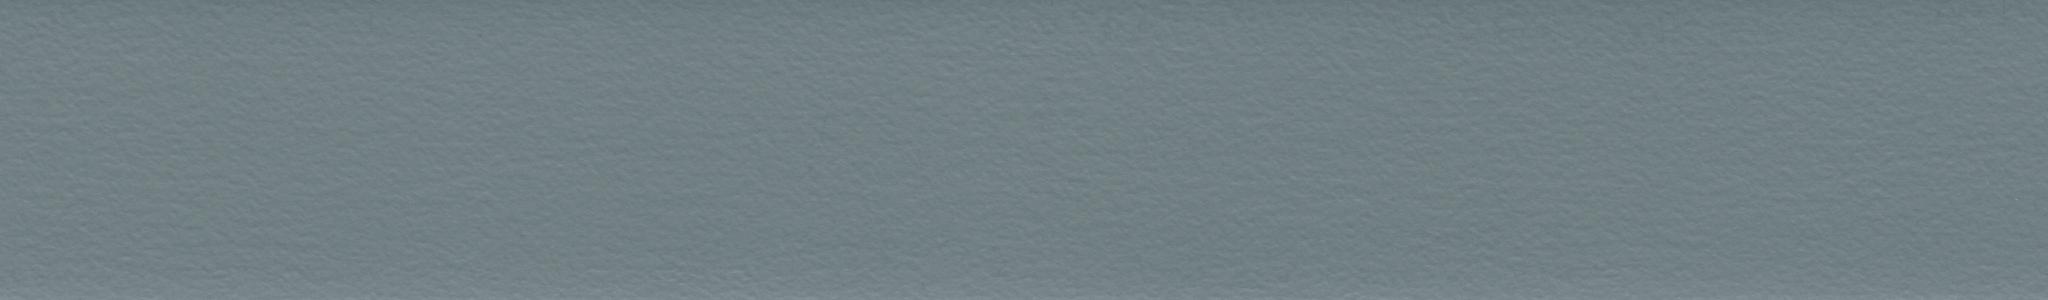 HU 17076 ABS hrana šedá perla jemná 107